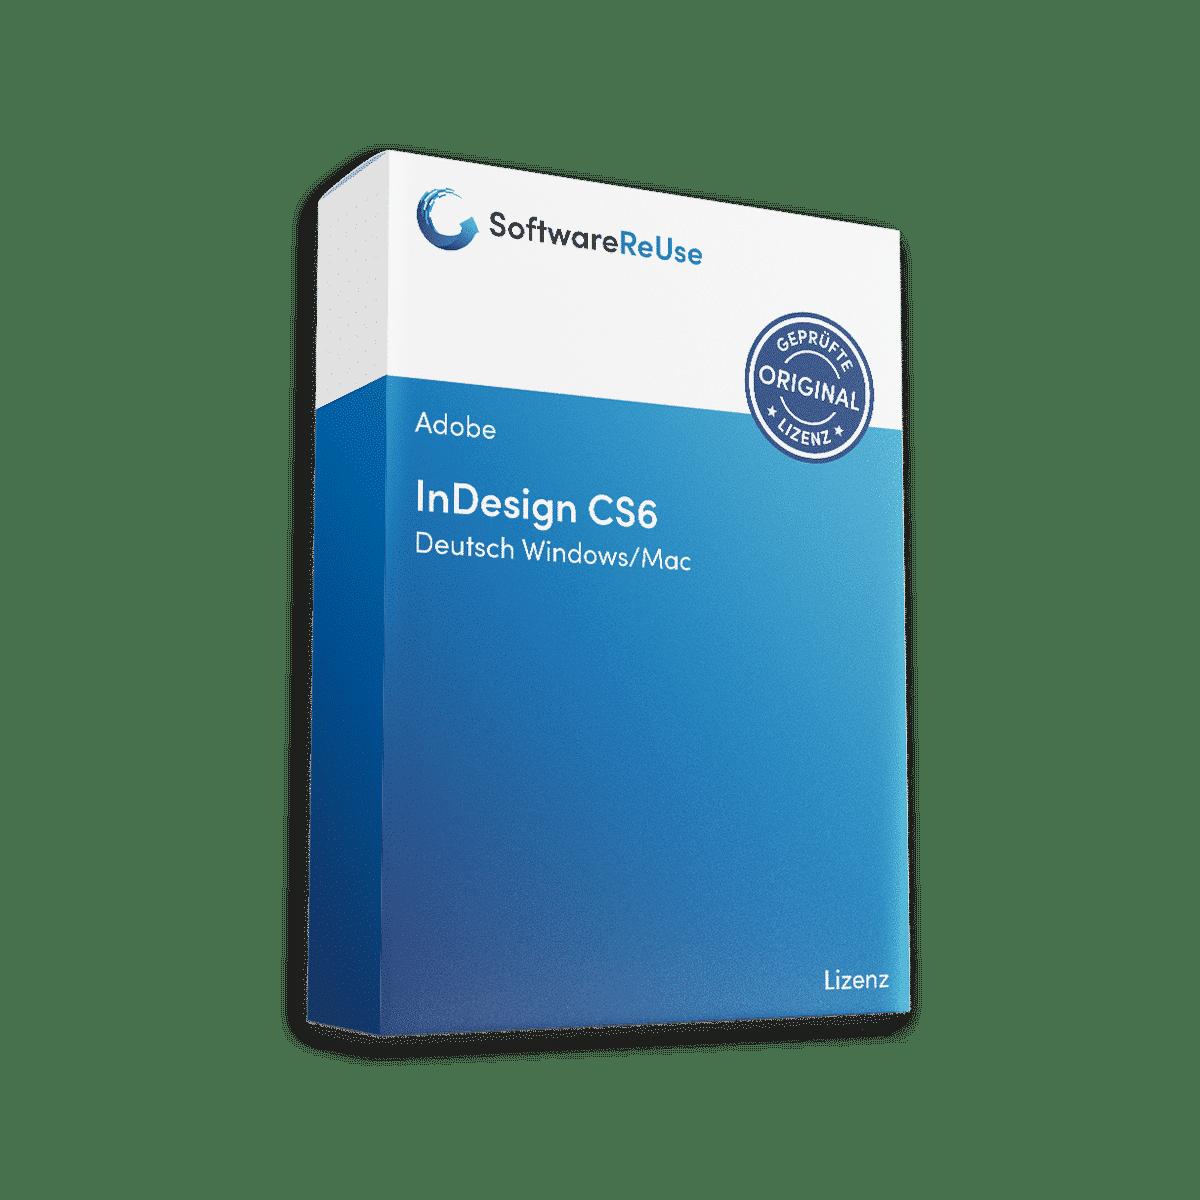 InDesign CS6